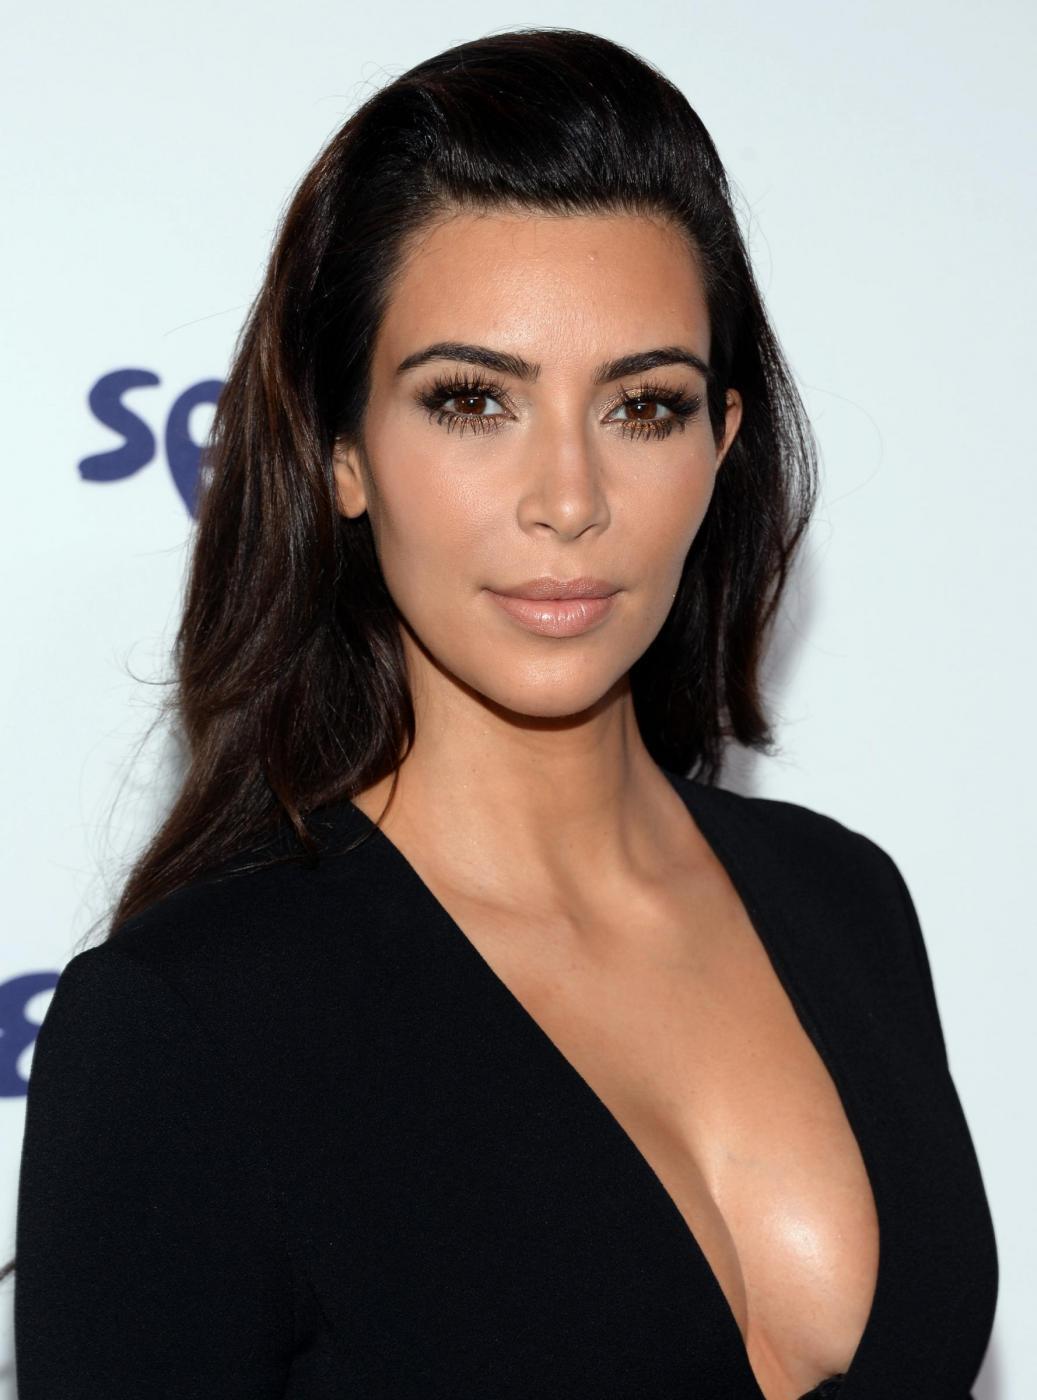 Buon compleanno Kim Kardashian: la regina del reality compie 34 anni (FOTO)